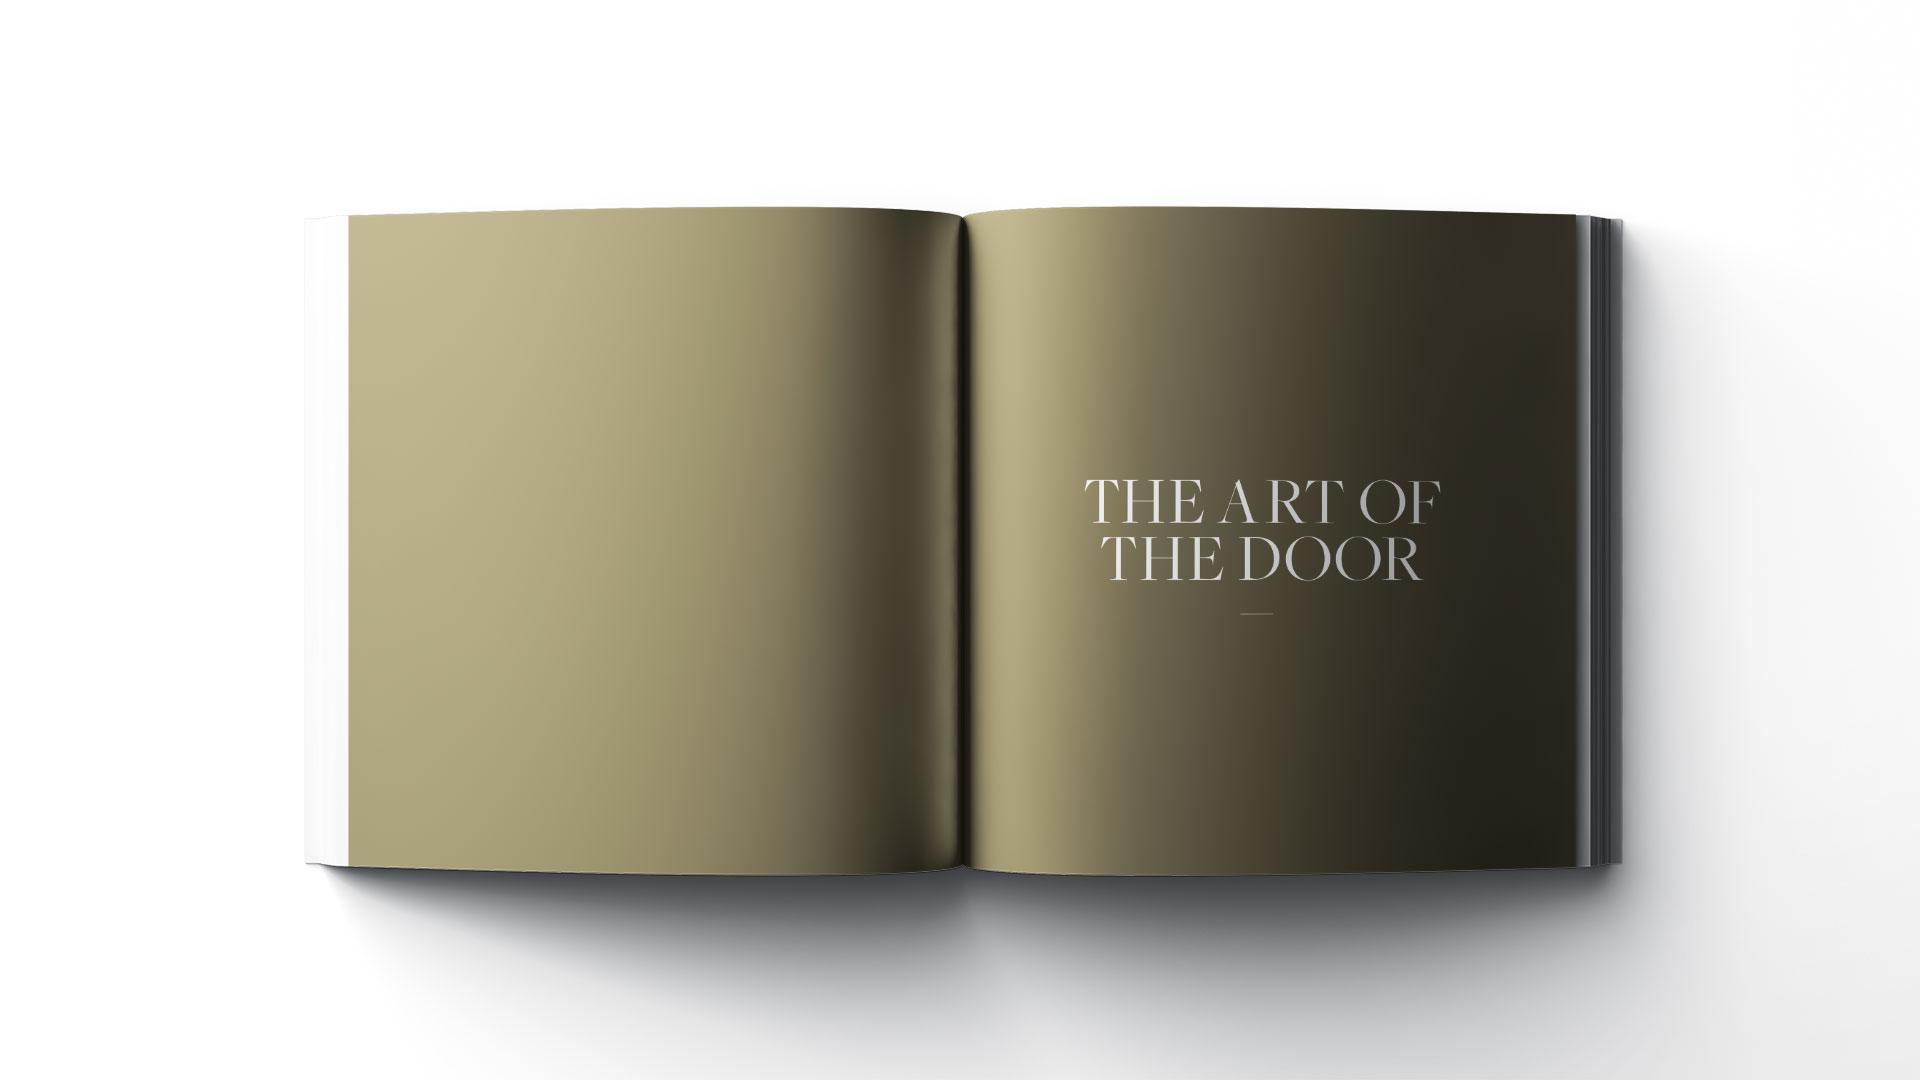 Deuren-Art-of-Door-Book-Spread-2